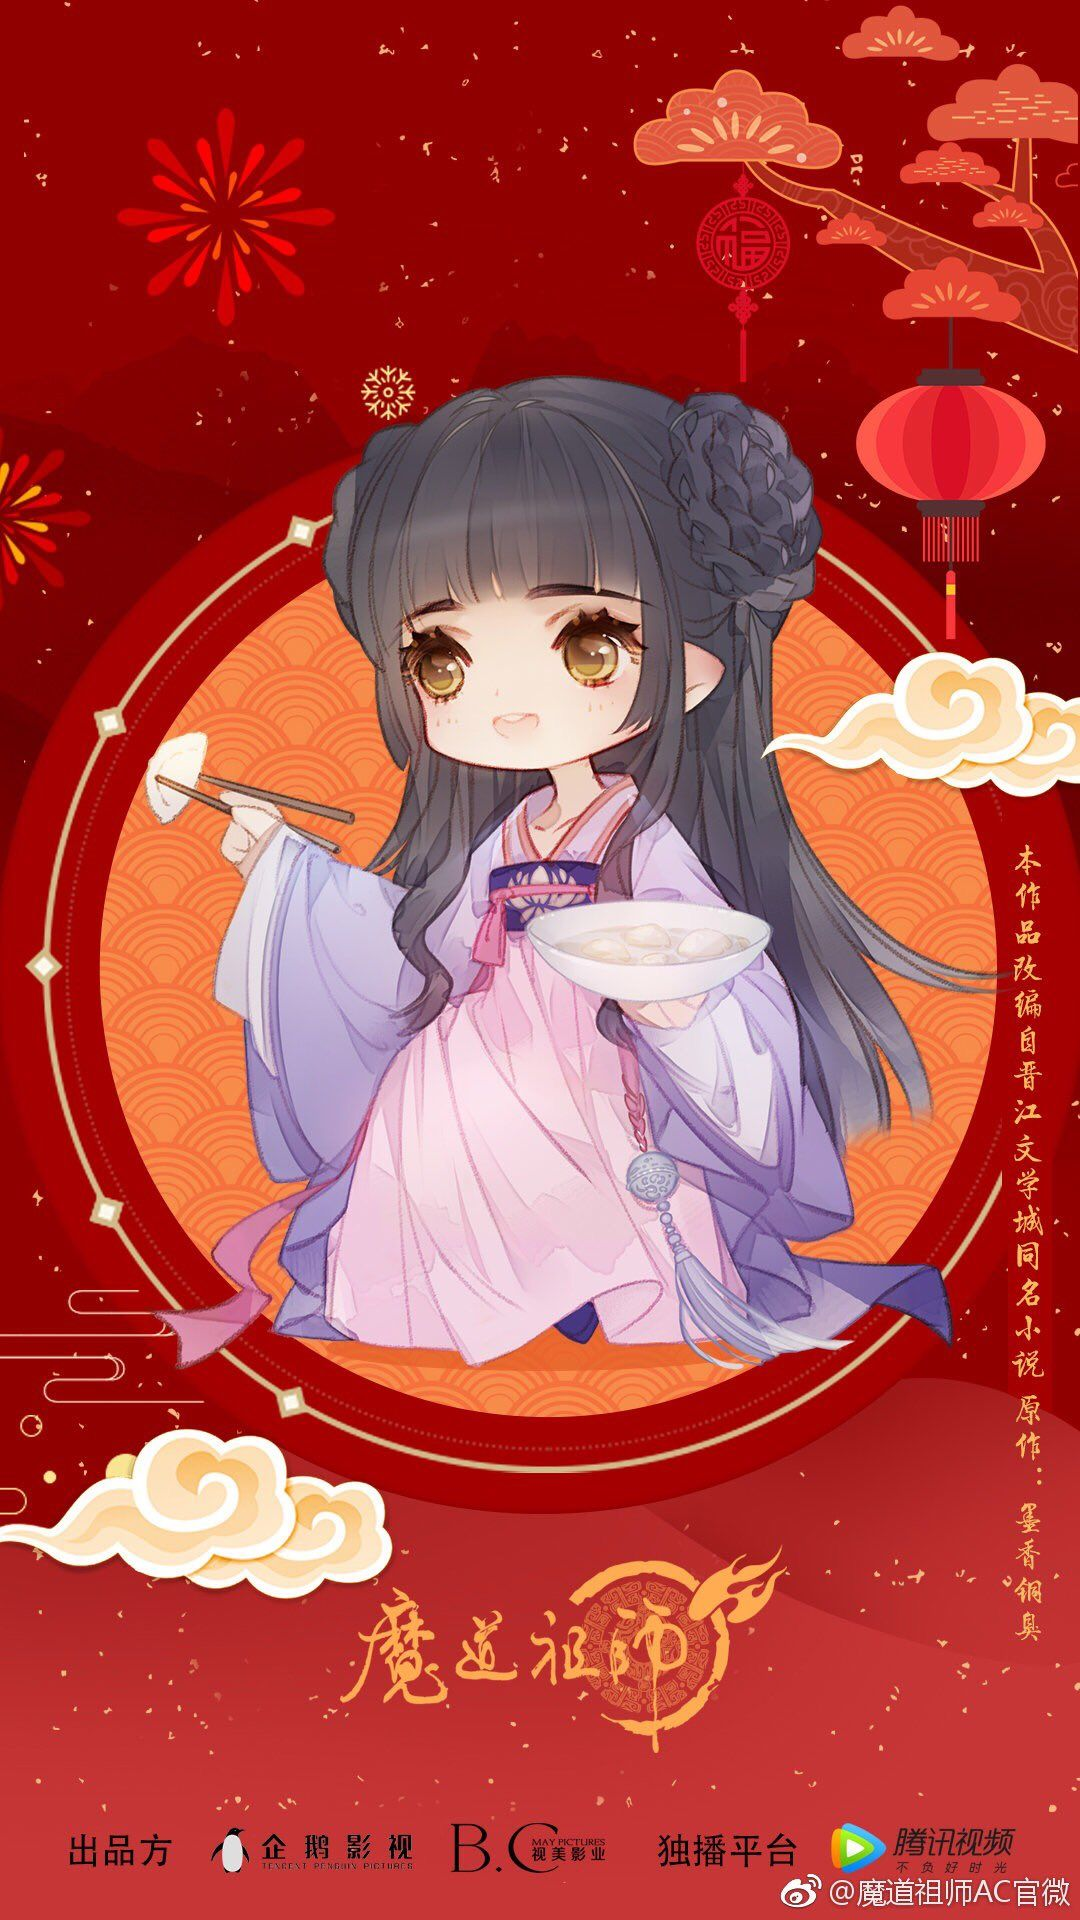 ⛸jiプロメア🔺PROMARE🔥🚒🍕 on in 2020 Anime chibi, Cute chibi